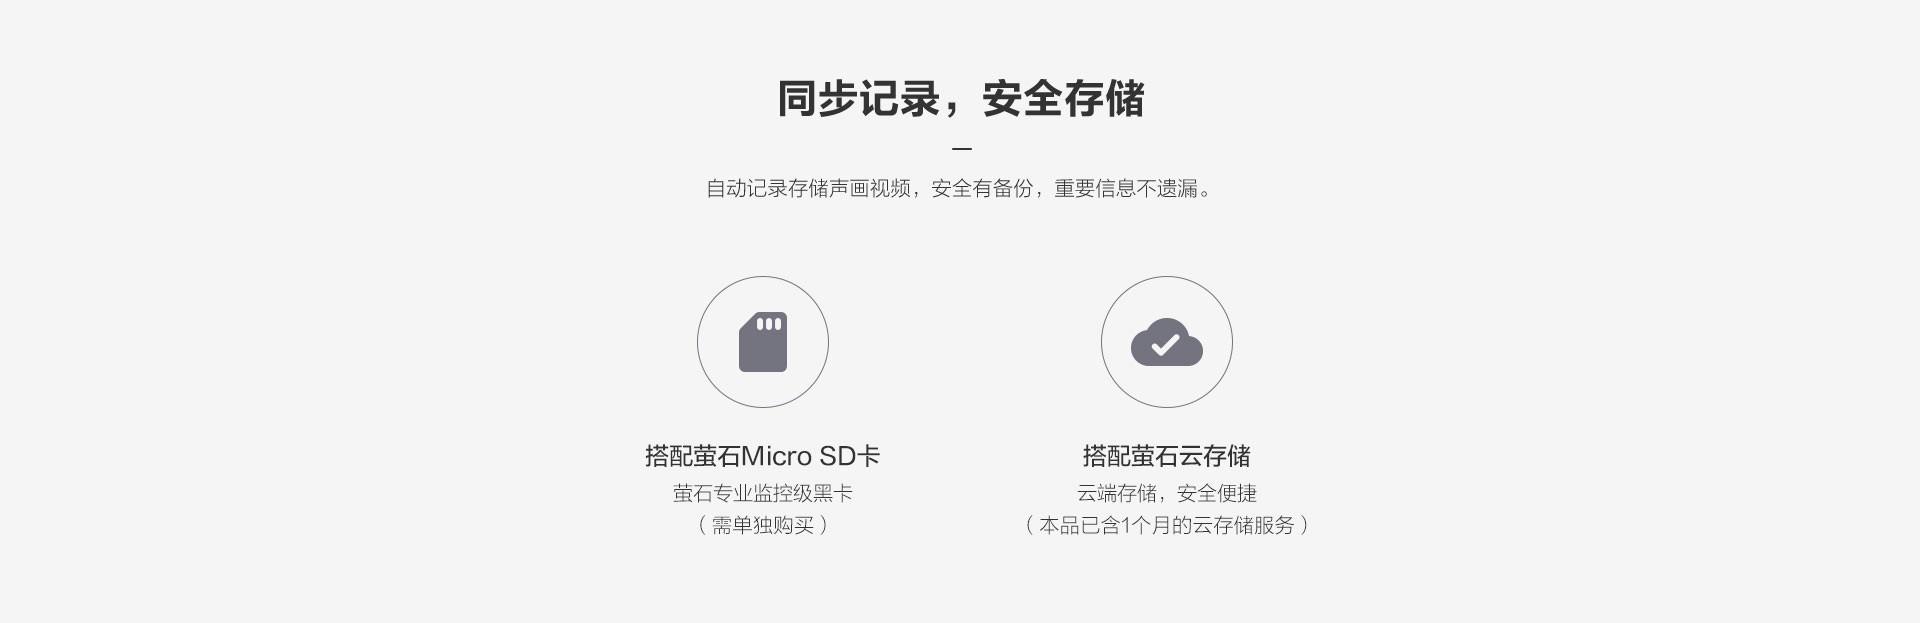 C8C+SD1套裝web_25.jpg